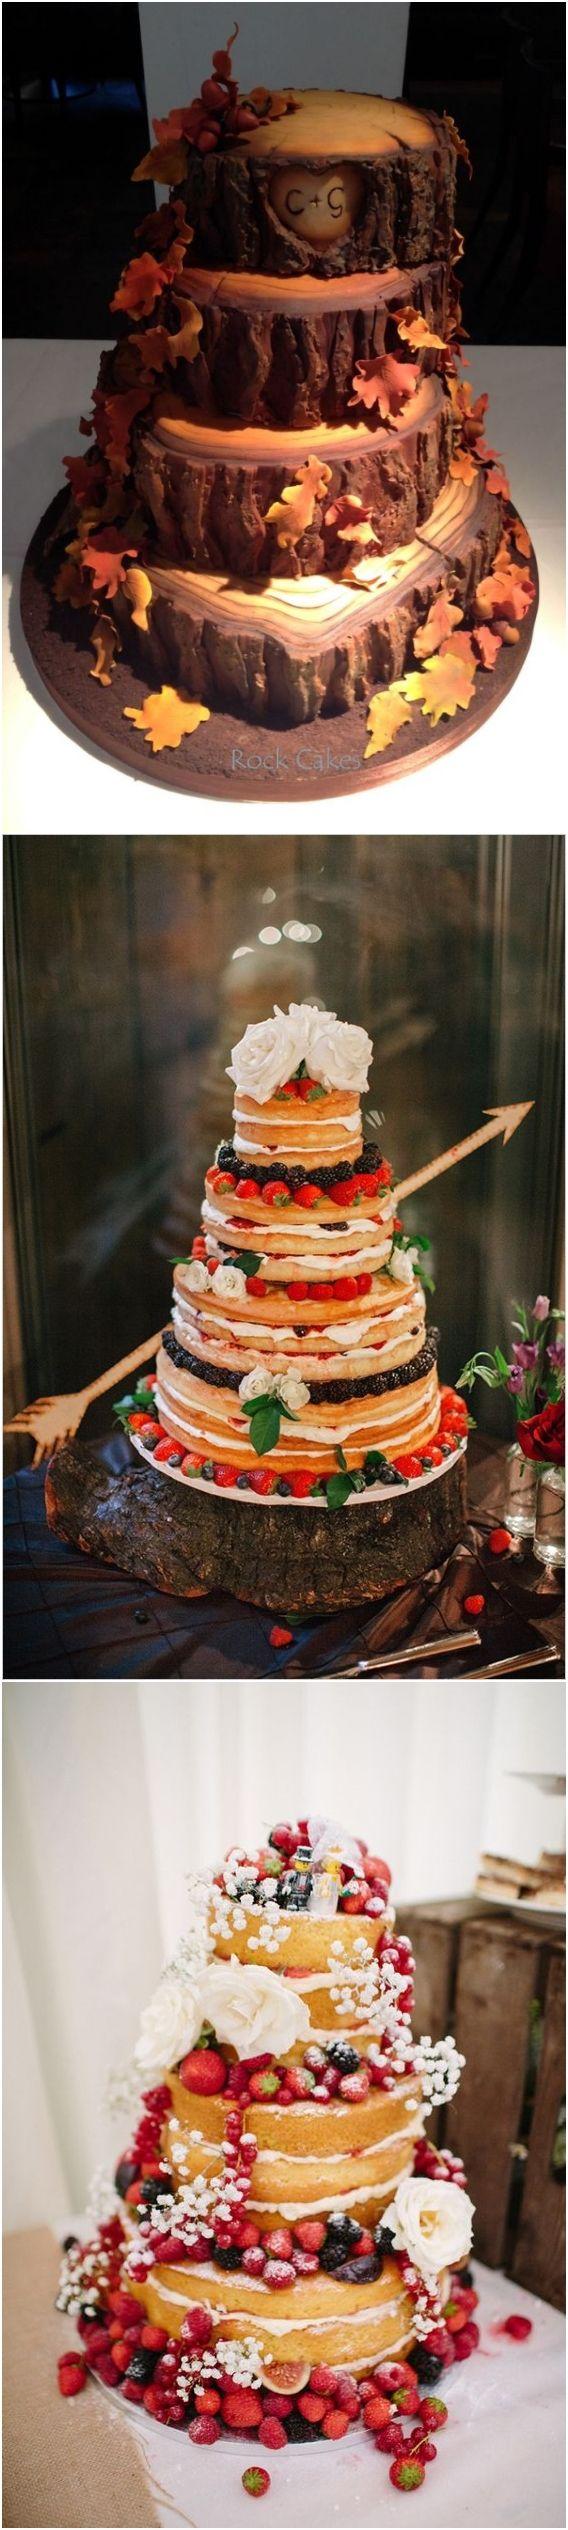 Fall wedding cakes #rusticwedding #weddingcakes #fallwedding / http://www.deerpearlflowers.com/fall-wedding-ideas-for-2017/